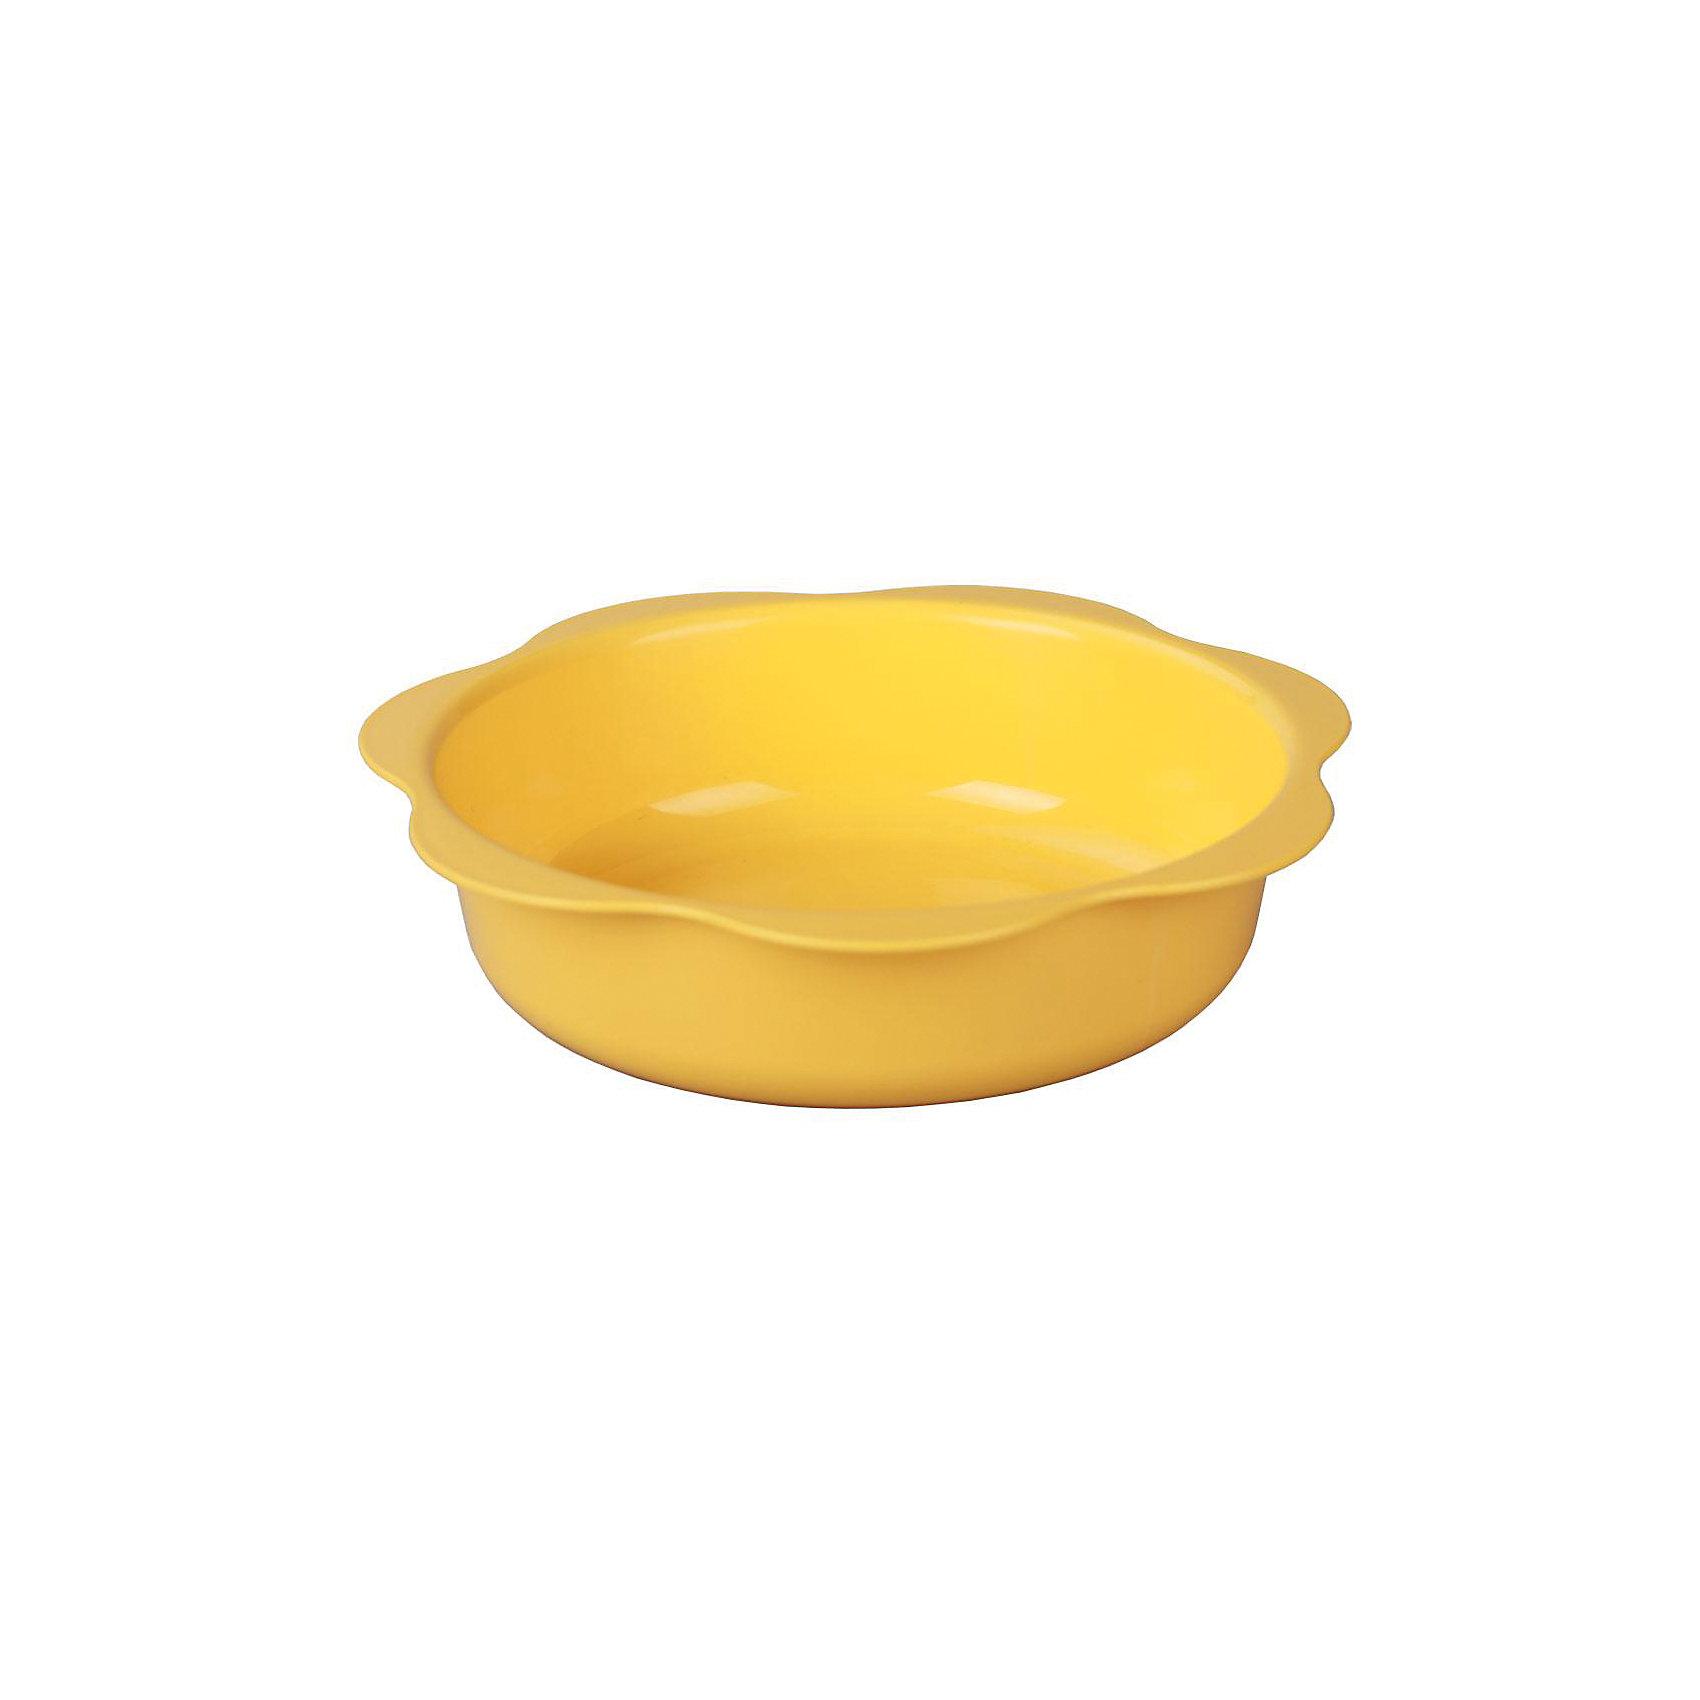 Тарелка детская 0,5л ,  AlternativaДетская тарелочка невероятно удобная и практичная.  Тарелка глубокая и устойчивая - пролить еду из нее будет непросто. Края сделаны в форме лепестков. Есть из такой тарелочки - одно удовольствие!<br><br>Дополнительная информация:<br>материал: пластик<br>Объем: 0,5 л<br>Размер: 16,5х16,5х4 см<br><br>Детскую тарелку можно приобрести в нашем интернет-магазине.<br><br>Ширина мм: 165<br>Глубина мм: 165<br>Высота мм: 40<br>Вес г: 44<br>Возраст от месяцев: 36<br>Возраст до месяцев: 144<br>Пол: Унисекс<br>Возраст: Детский<br>SKU: 4979784